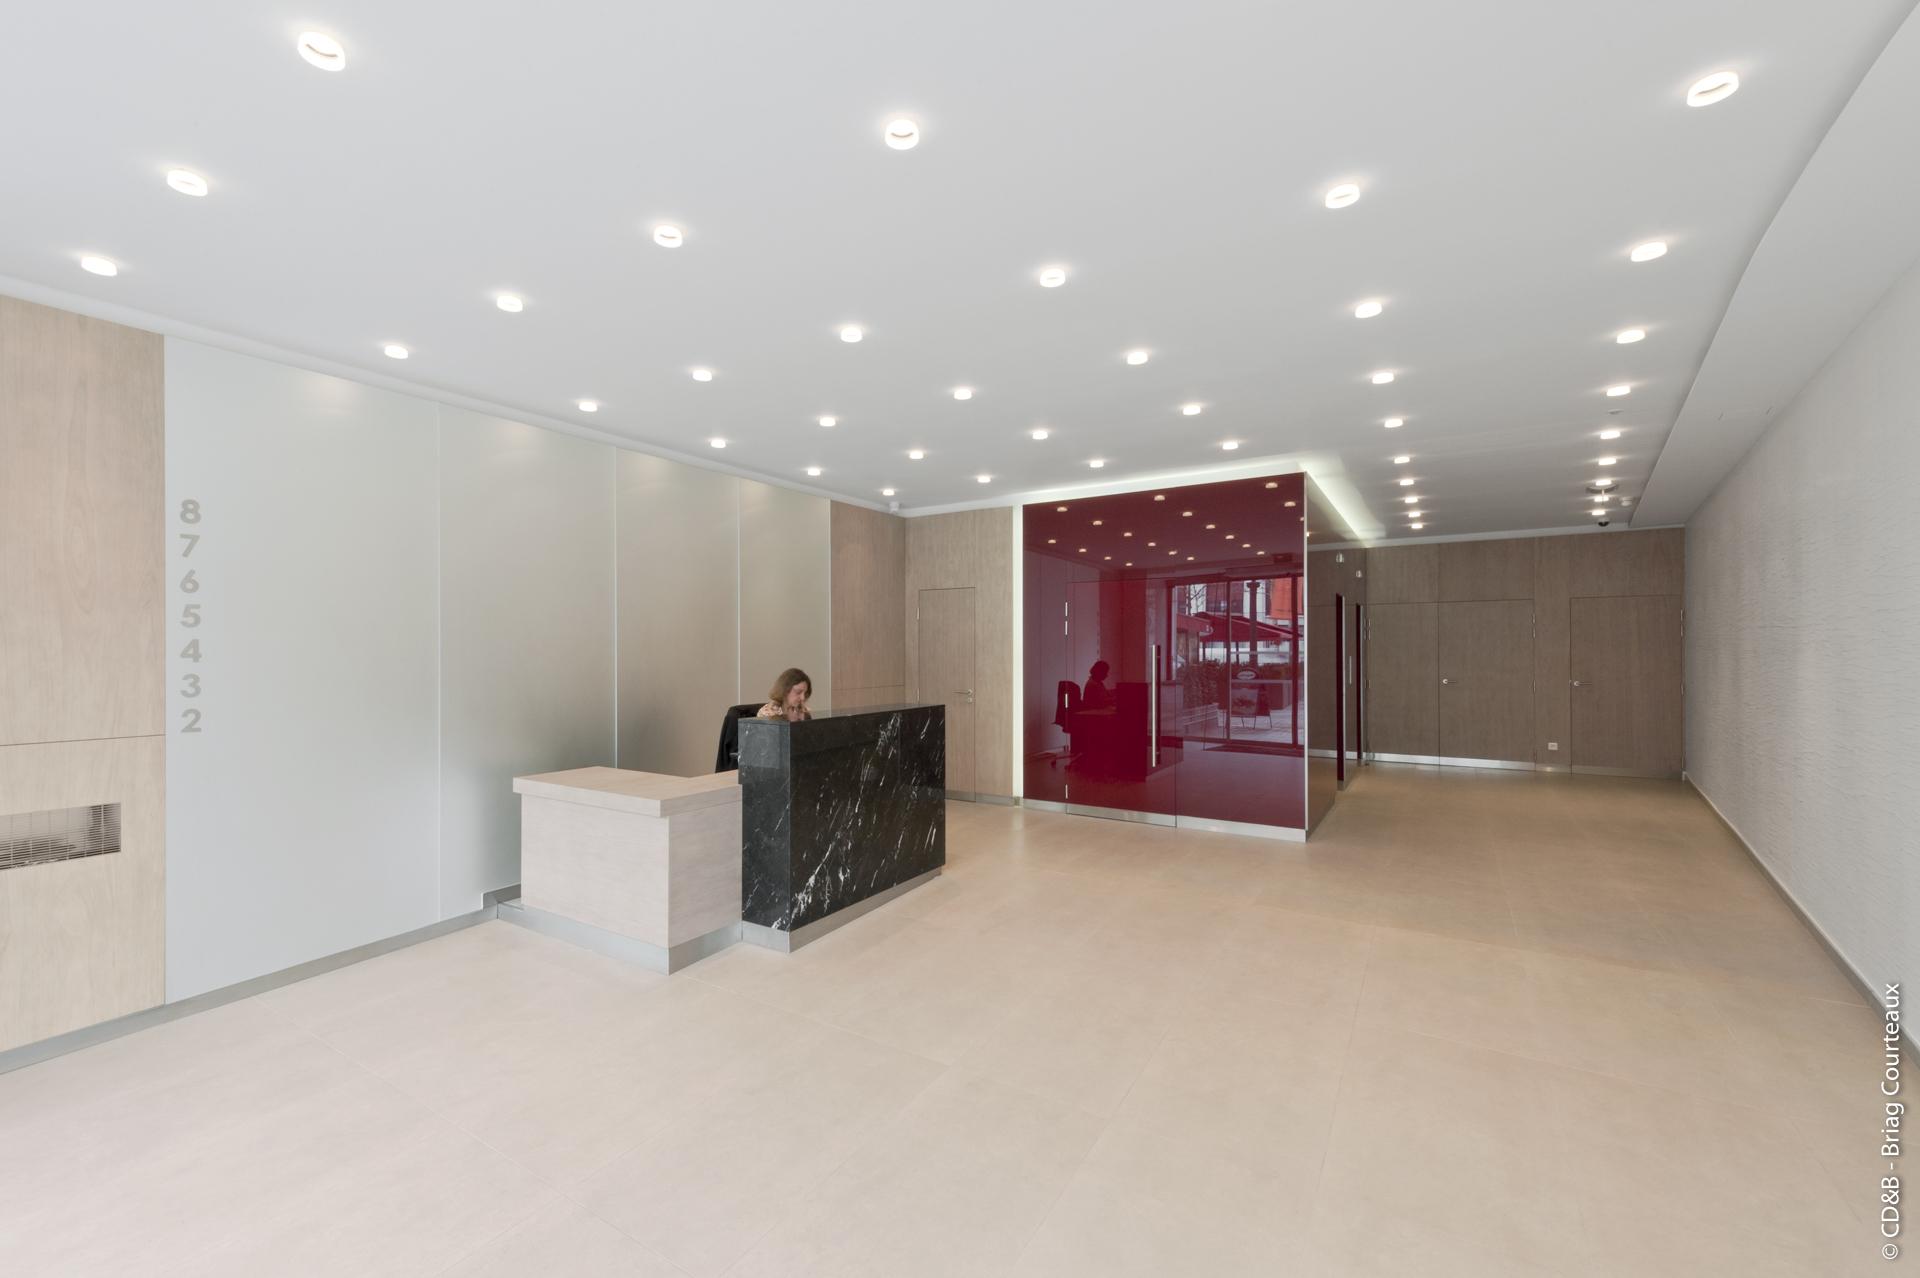 Conseil, aménagement, conception et réalisation des espaces de la société SNC CITEFI par CDB, Meet you there.